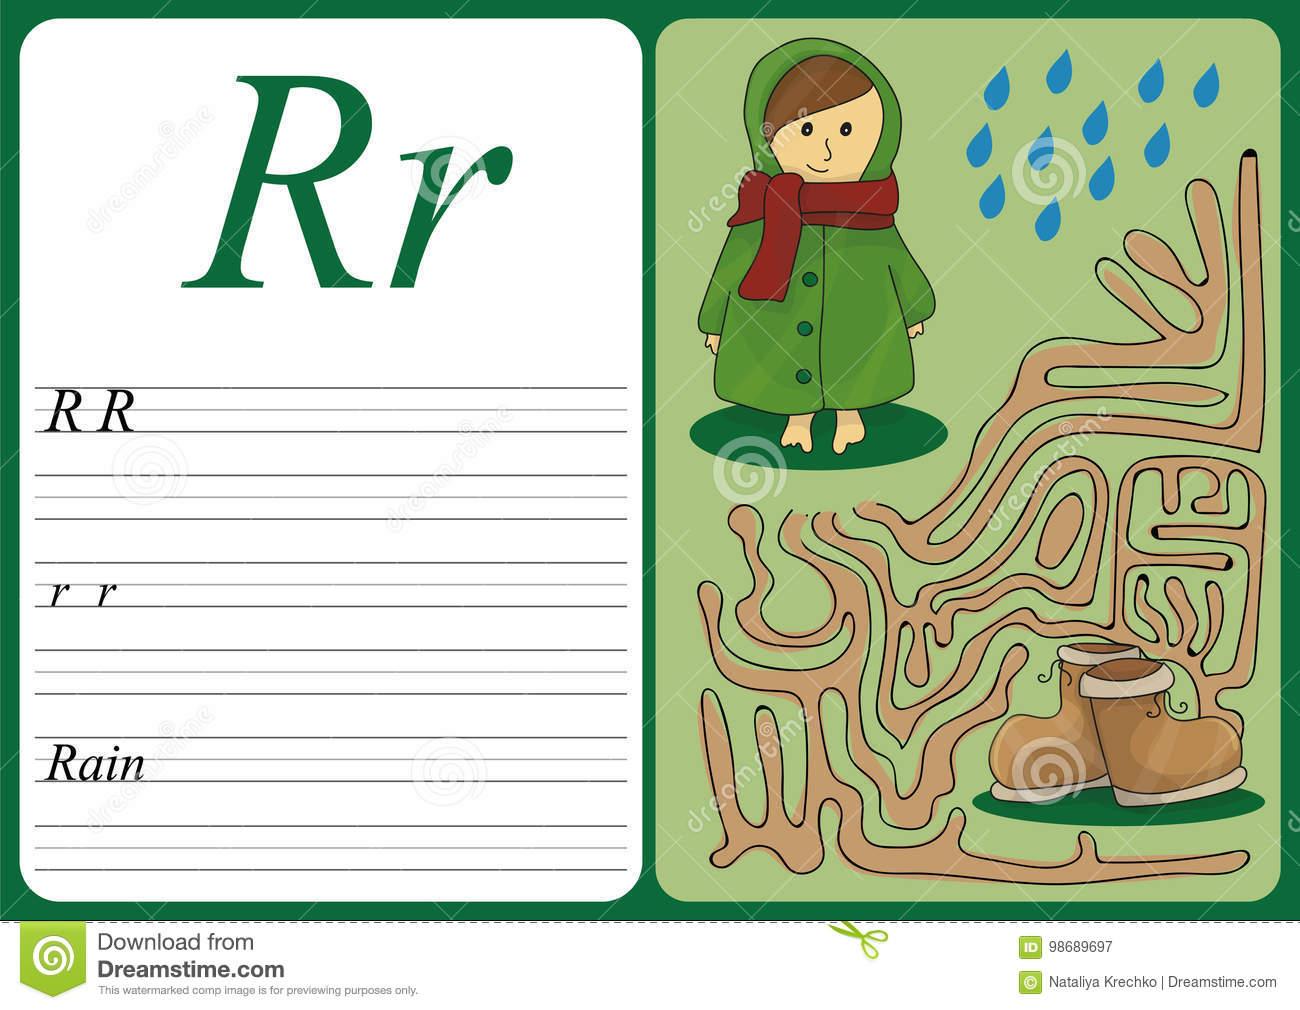 Jeu Éducatif Pour Apprendre L'écriture Avec Le Niveau Facile à Jeux Pour Apprendre L Alphabet